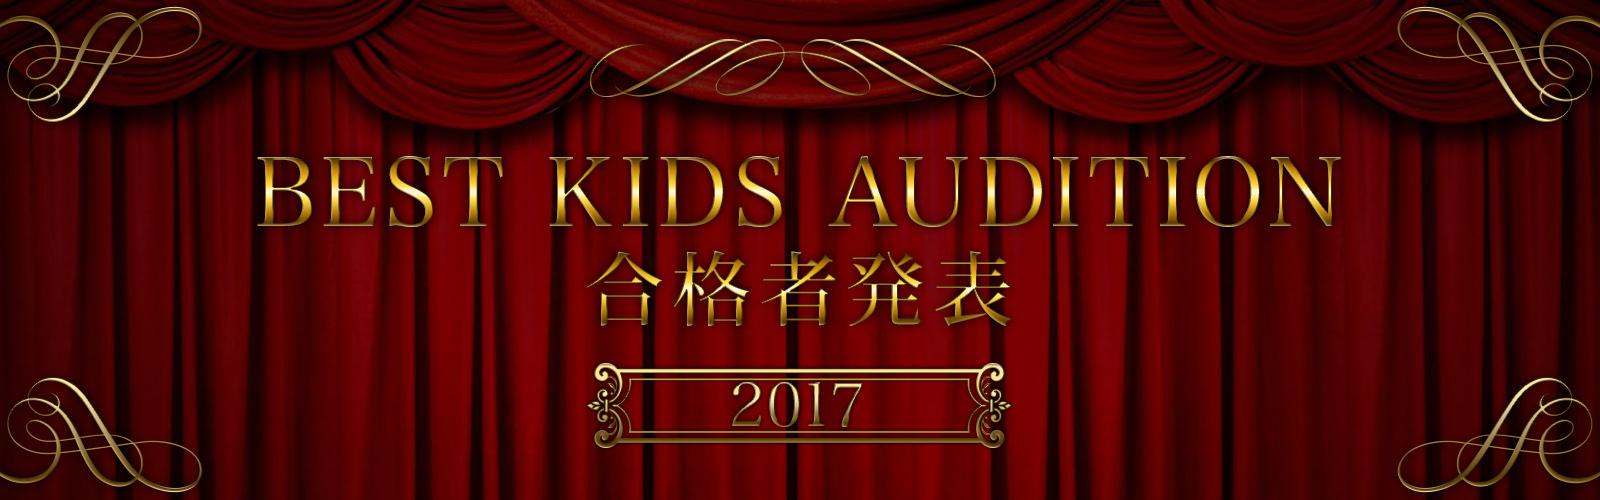 BEST KIDS AUDITION 2017 合格者発表